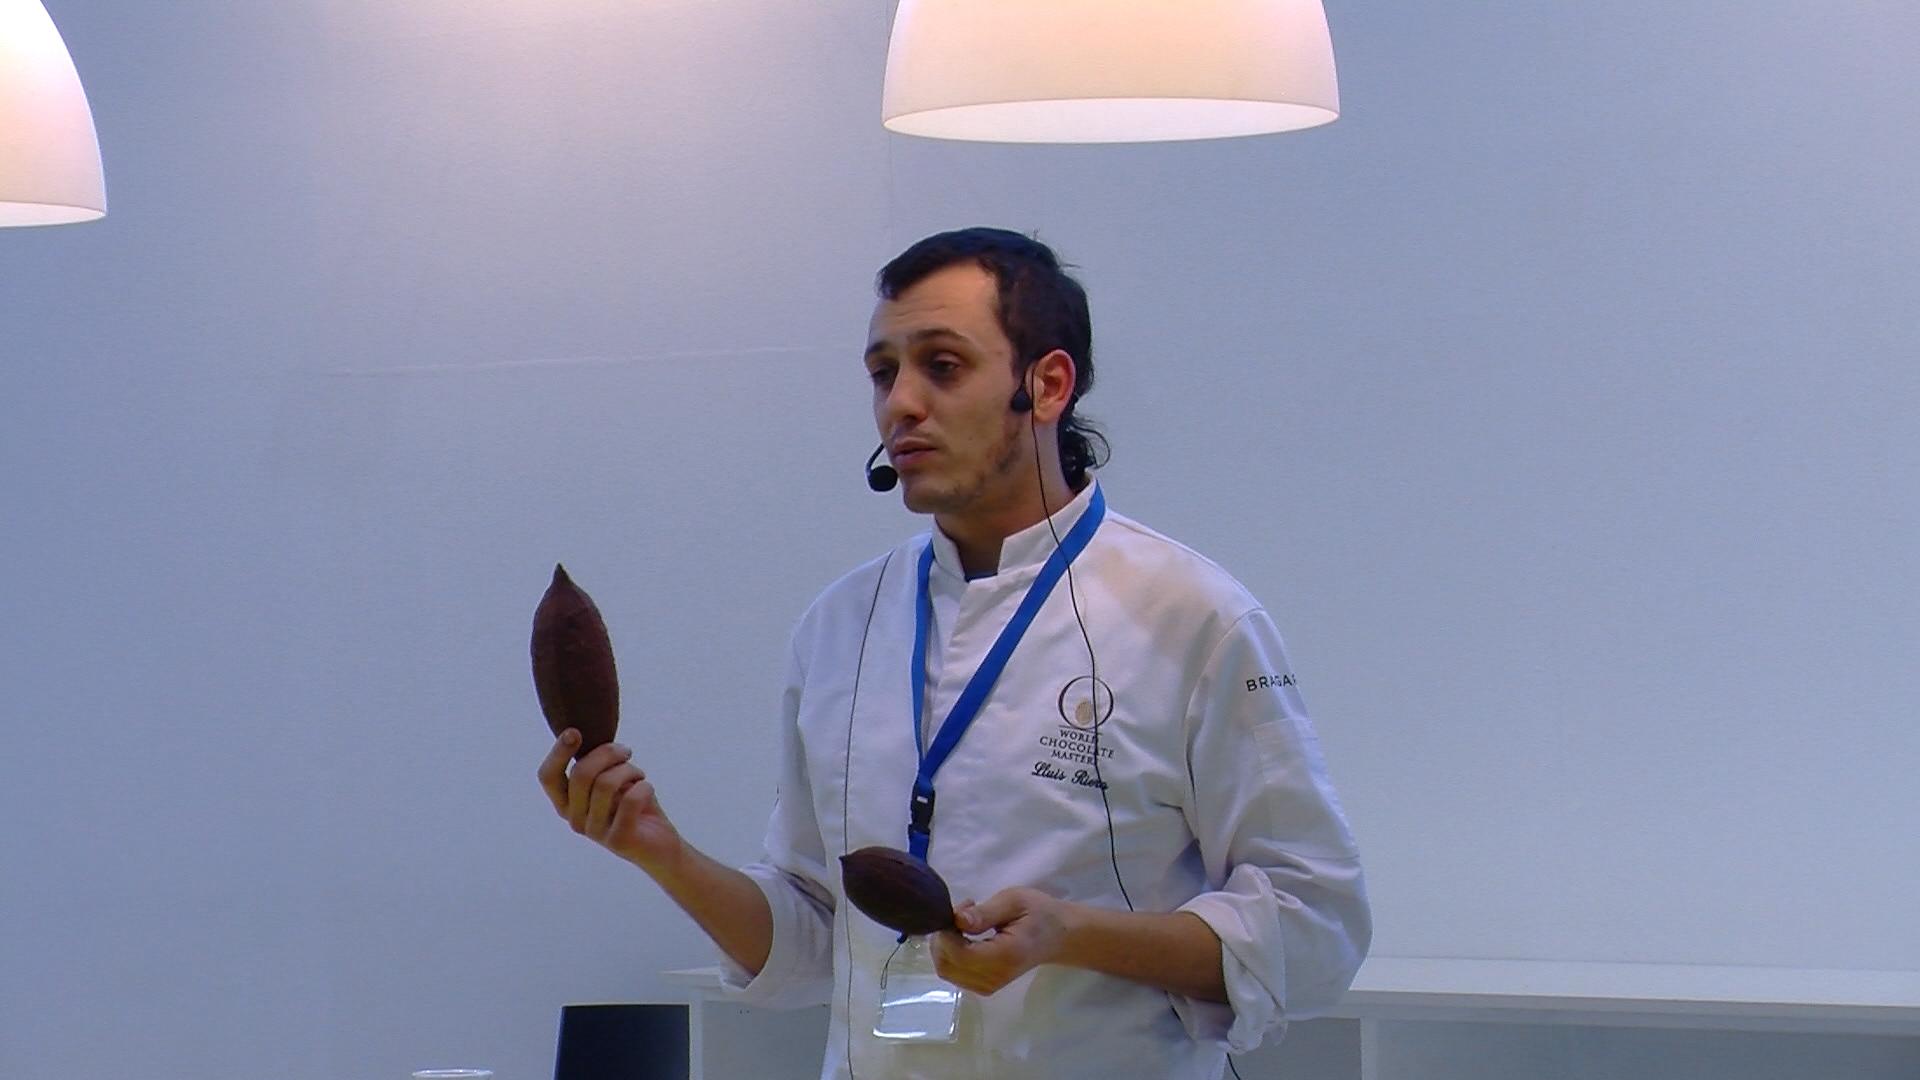 Lluis Riera_Del cacau a la xocolata